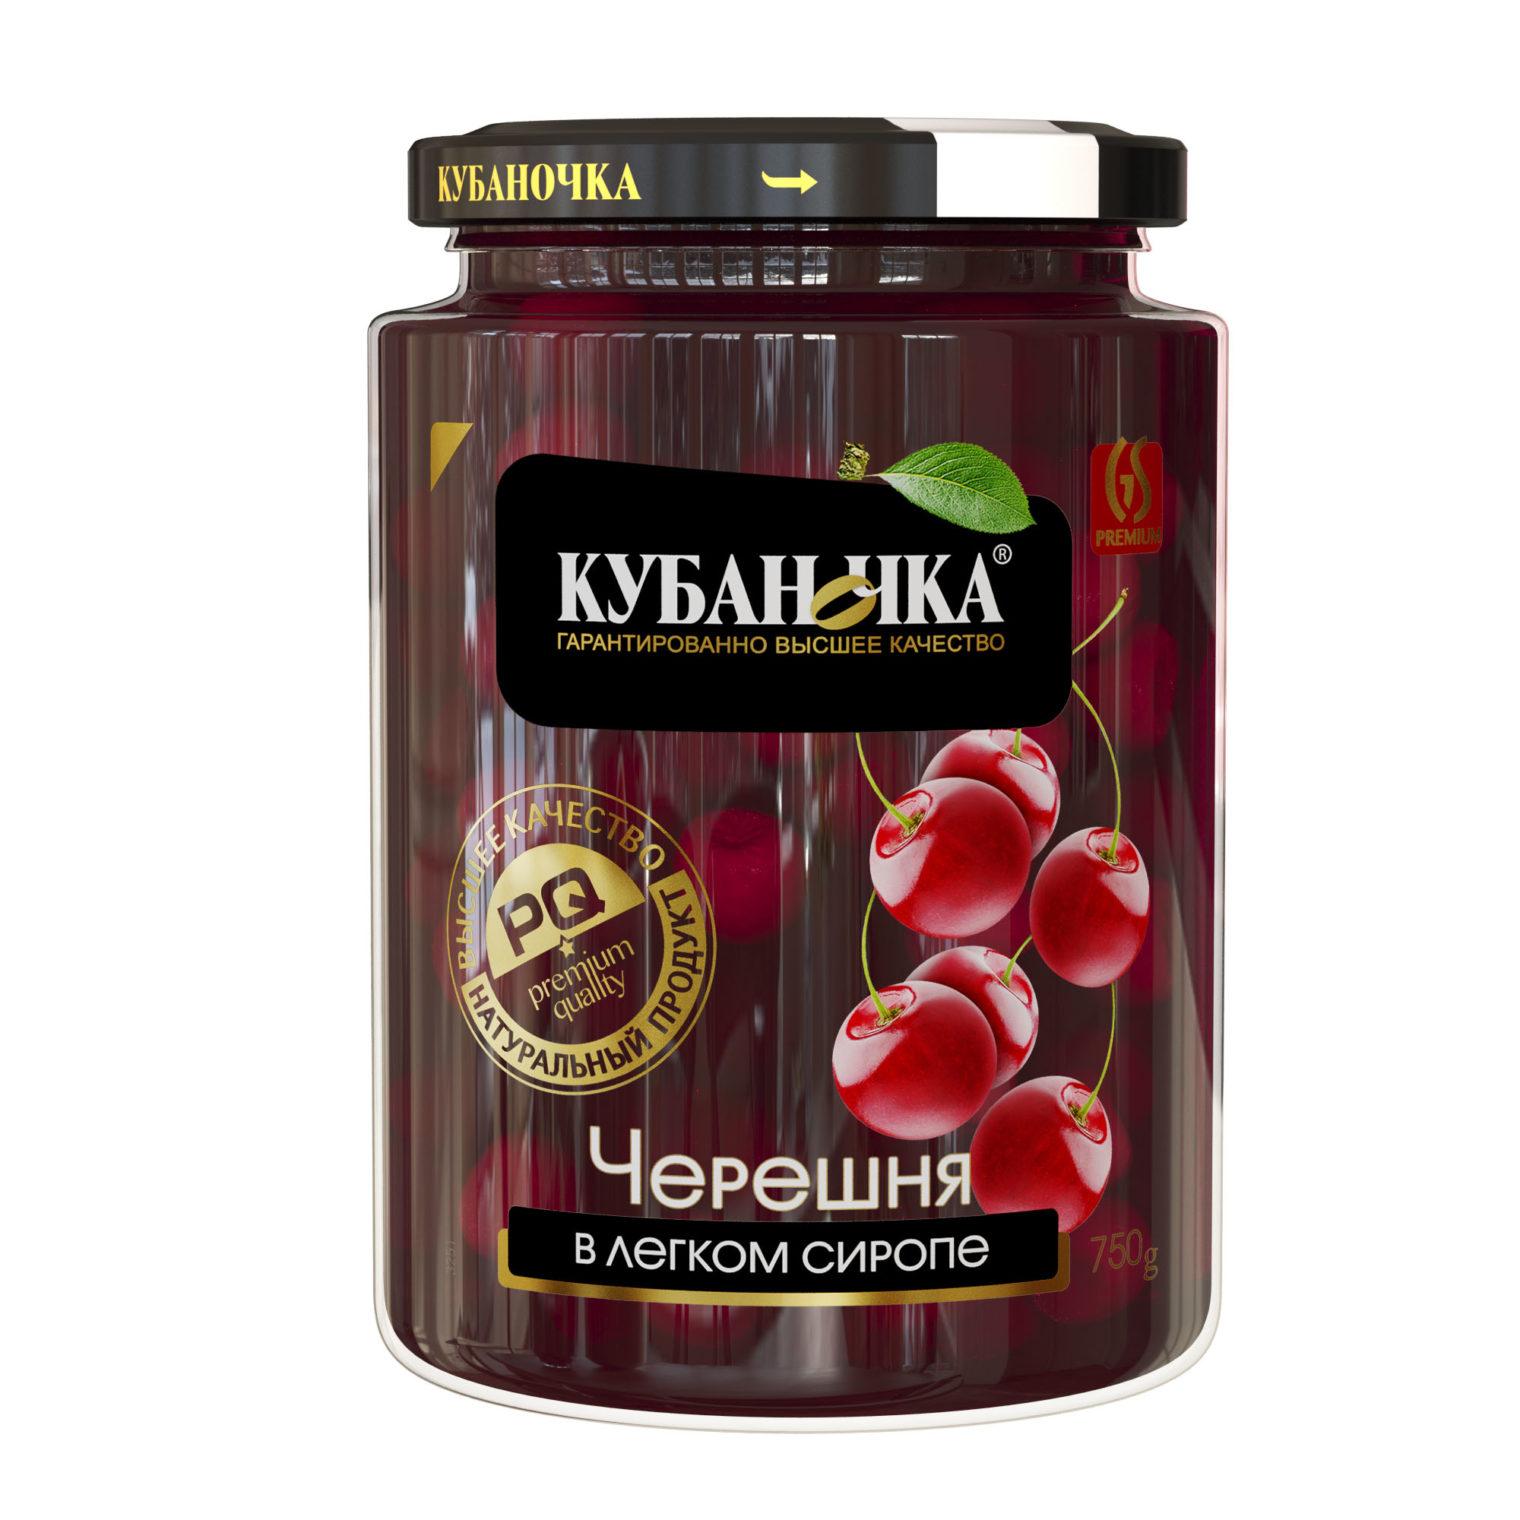 Черешня красная в легком сиропе, Масса: 750 г